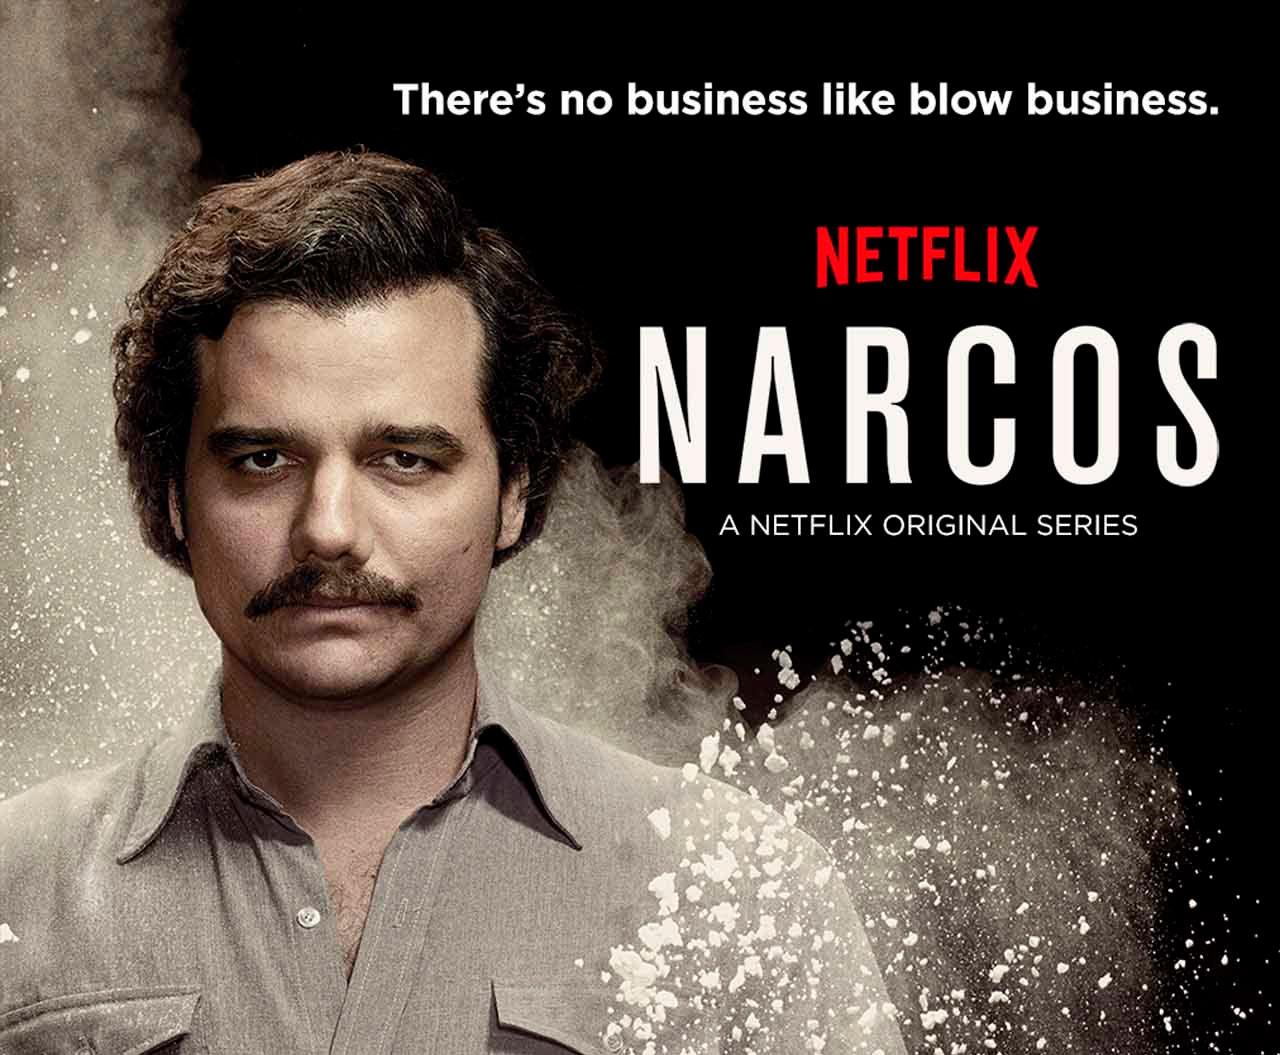 Pablo Escobars brorsa vill ha en 1 miljard dollar för Narcos